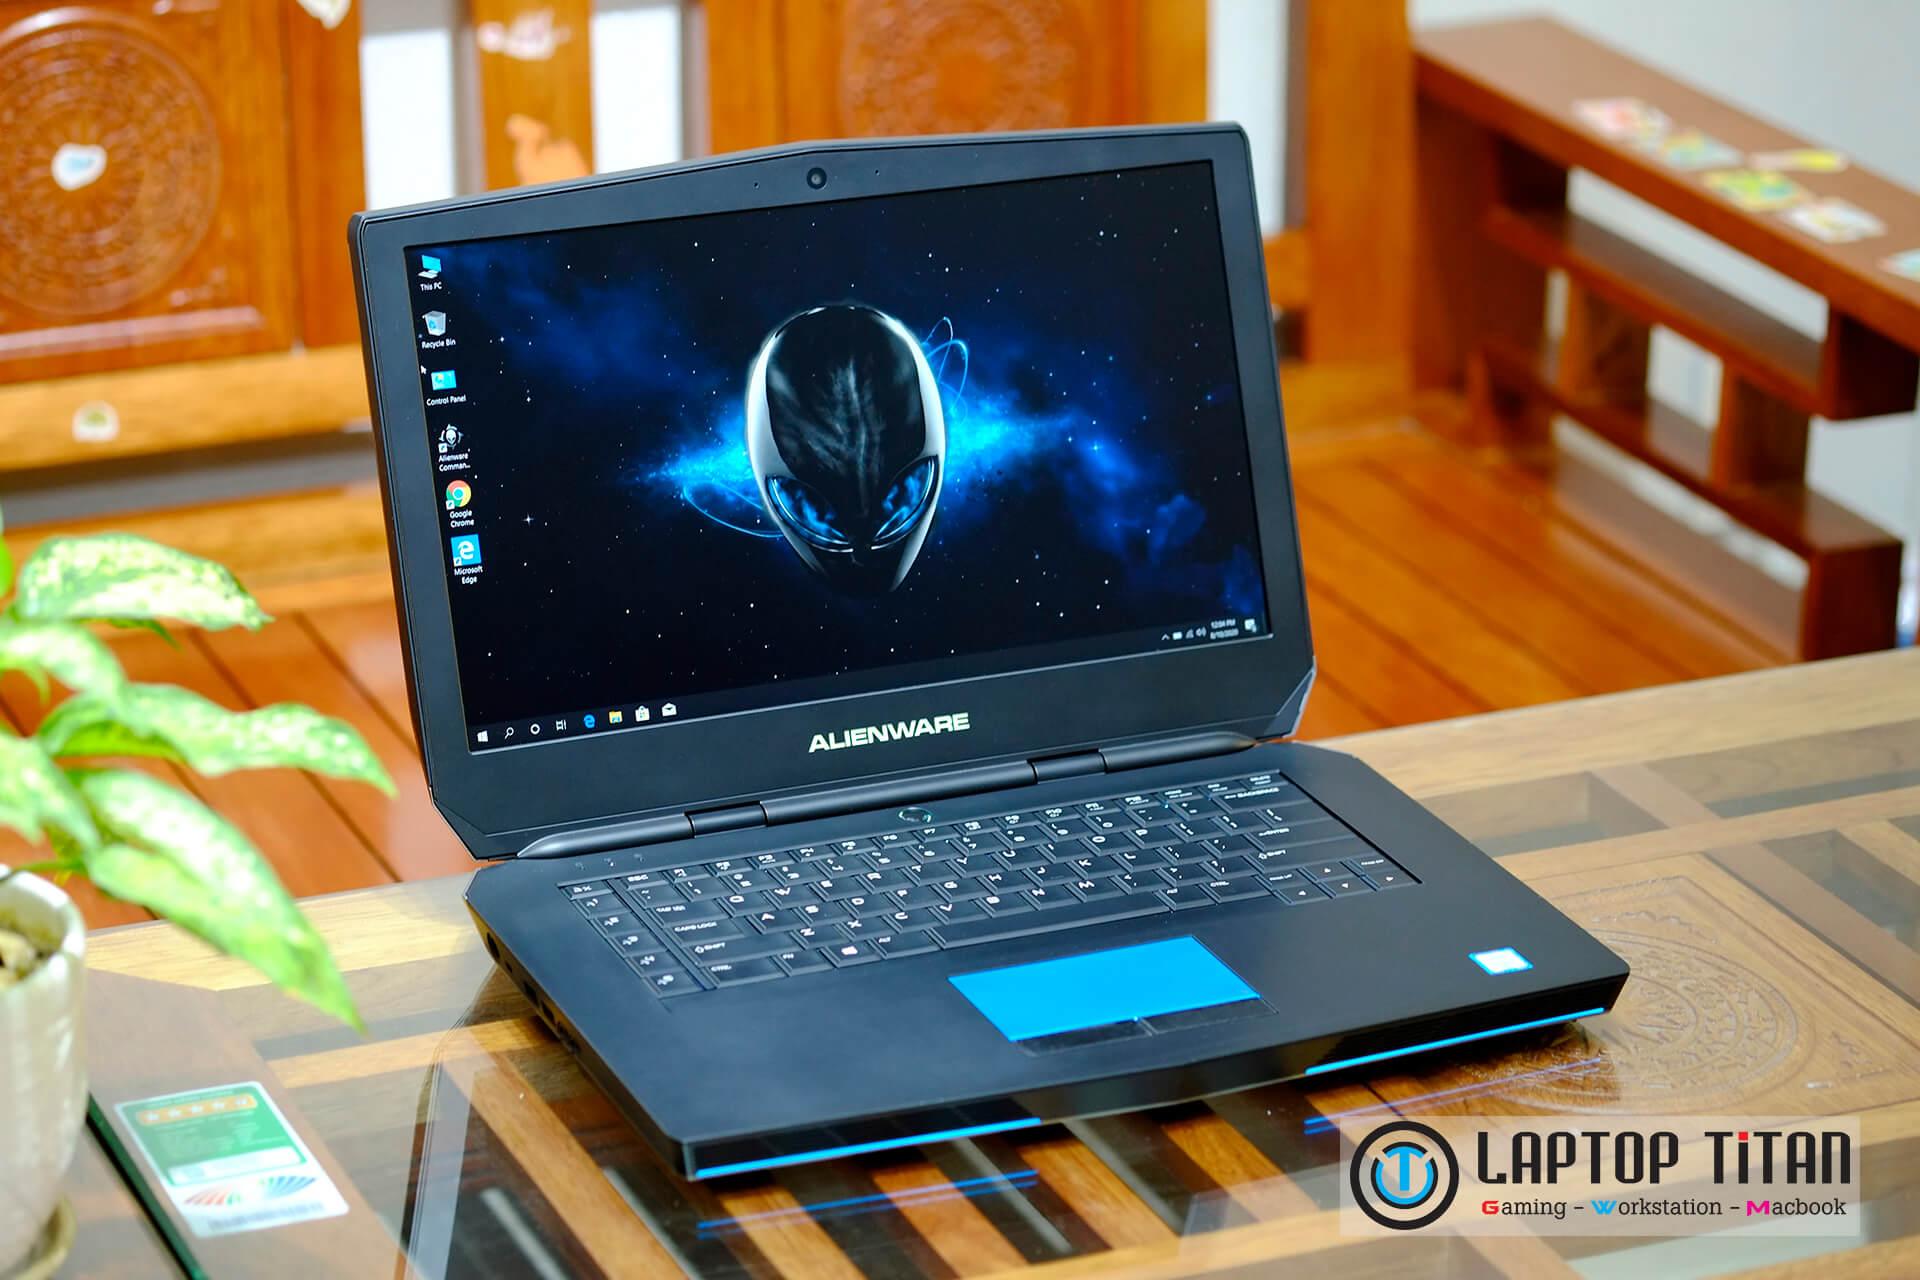 Dell Alienware 15 R2 4 1